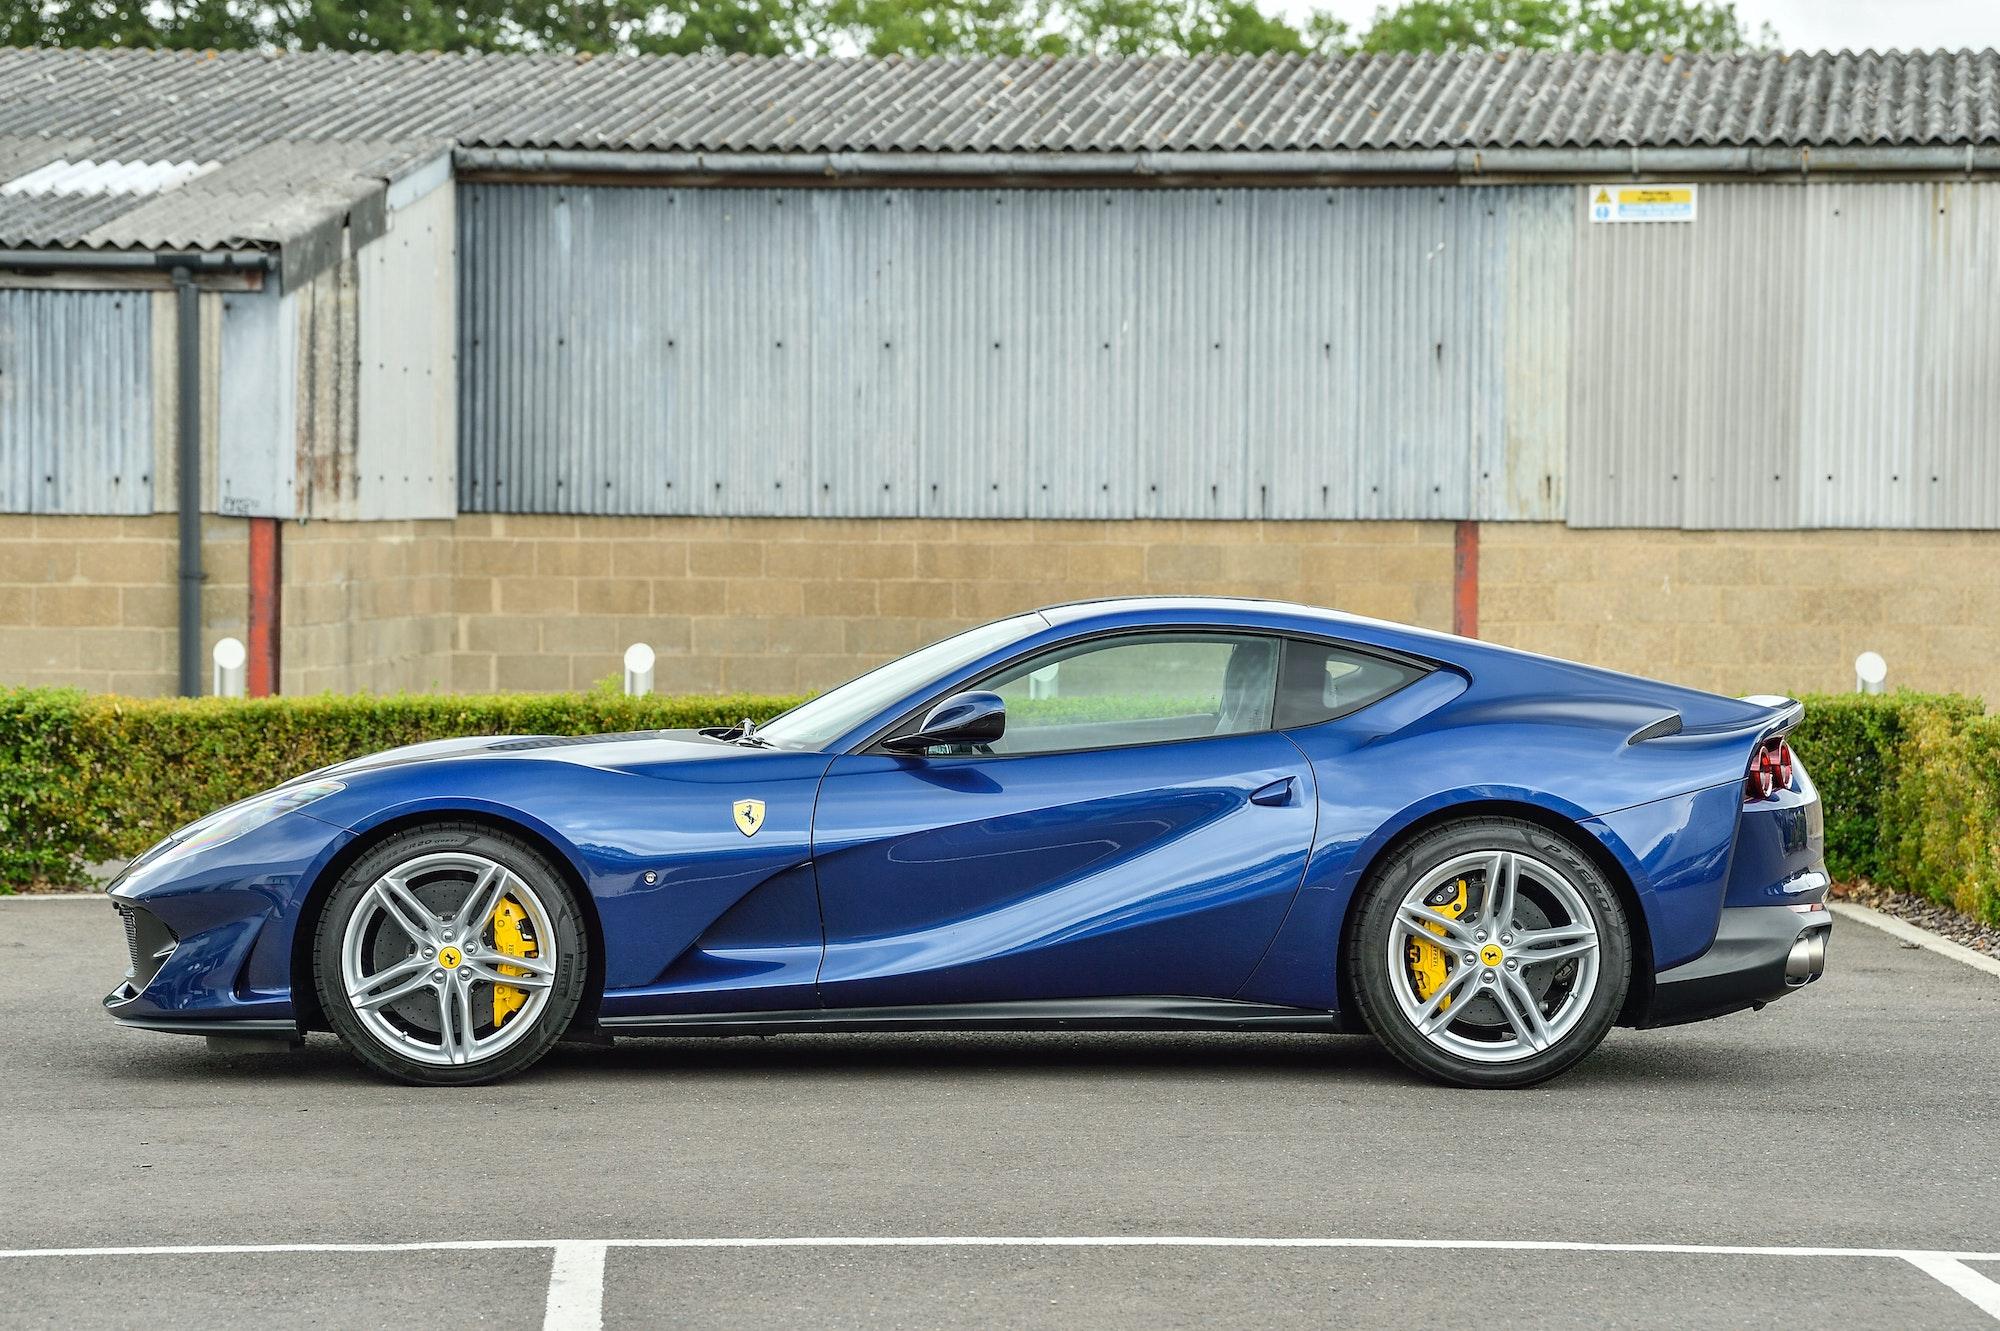 2019 Ferrari 812 Superfast 150 Miles